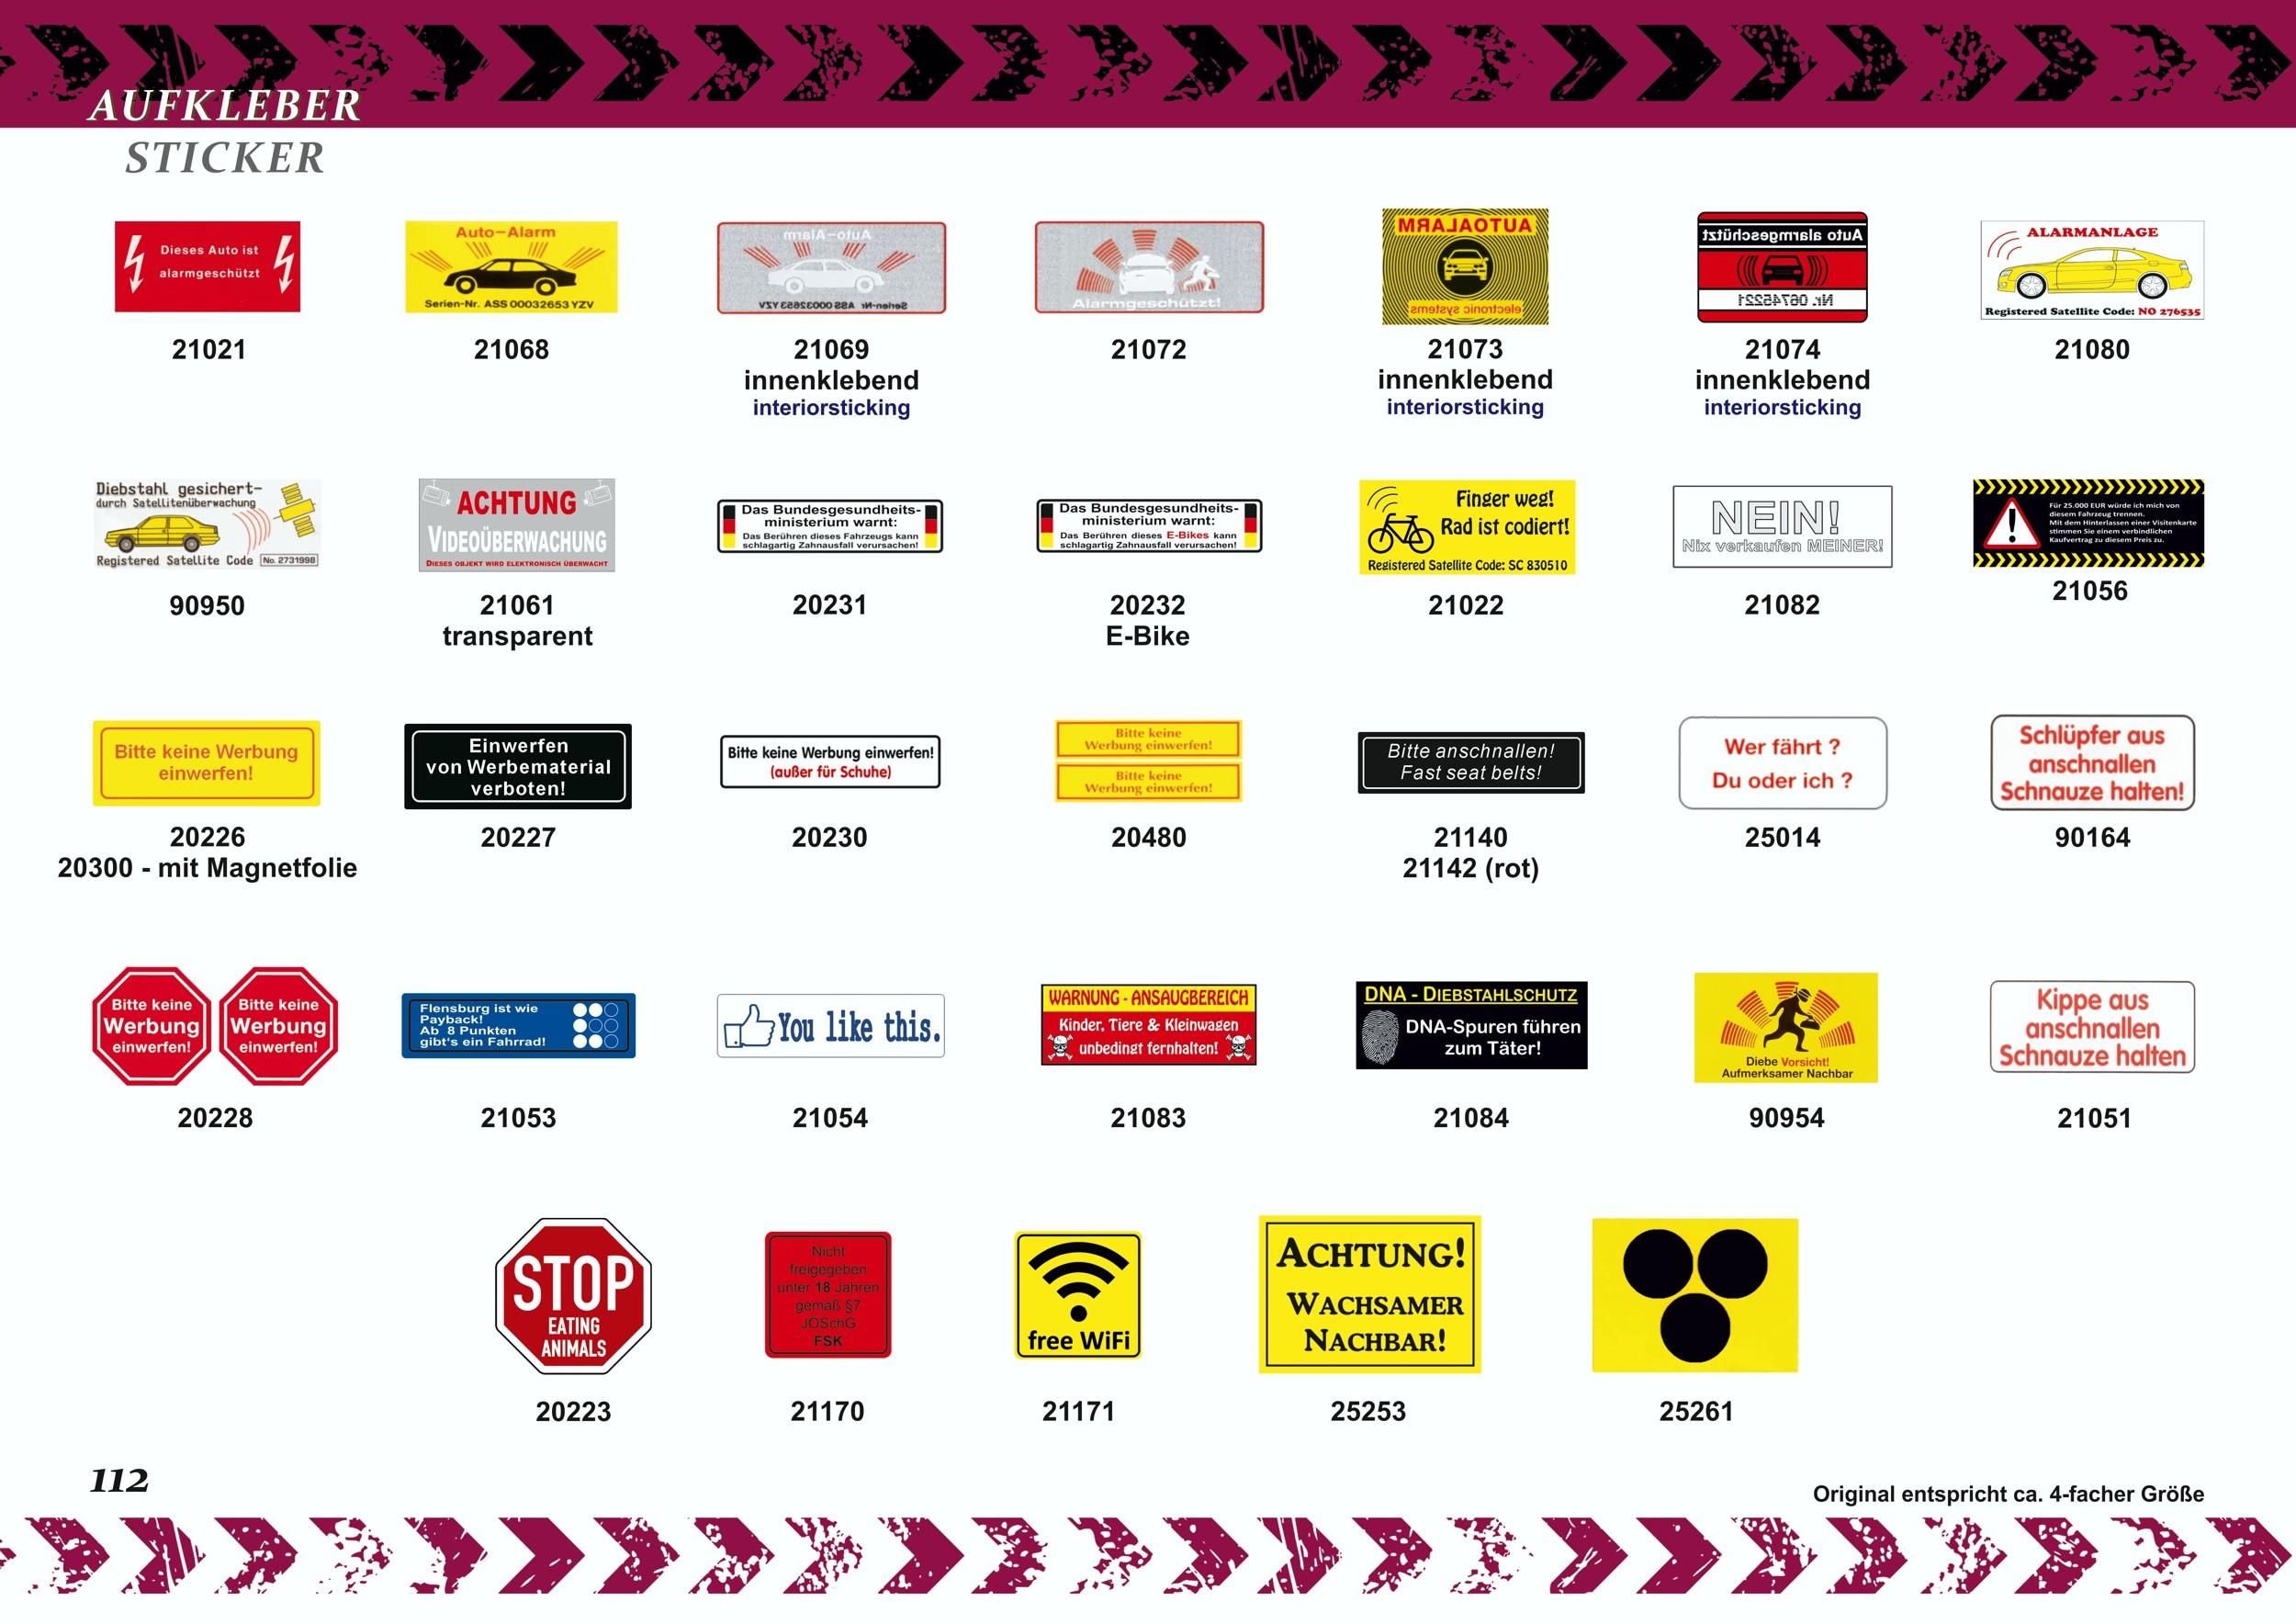 Aufkleber Bitte keine Werbung einwerfen! gelb – Bild 4